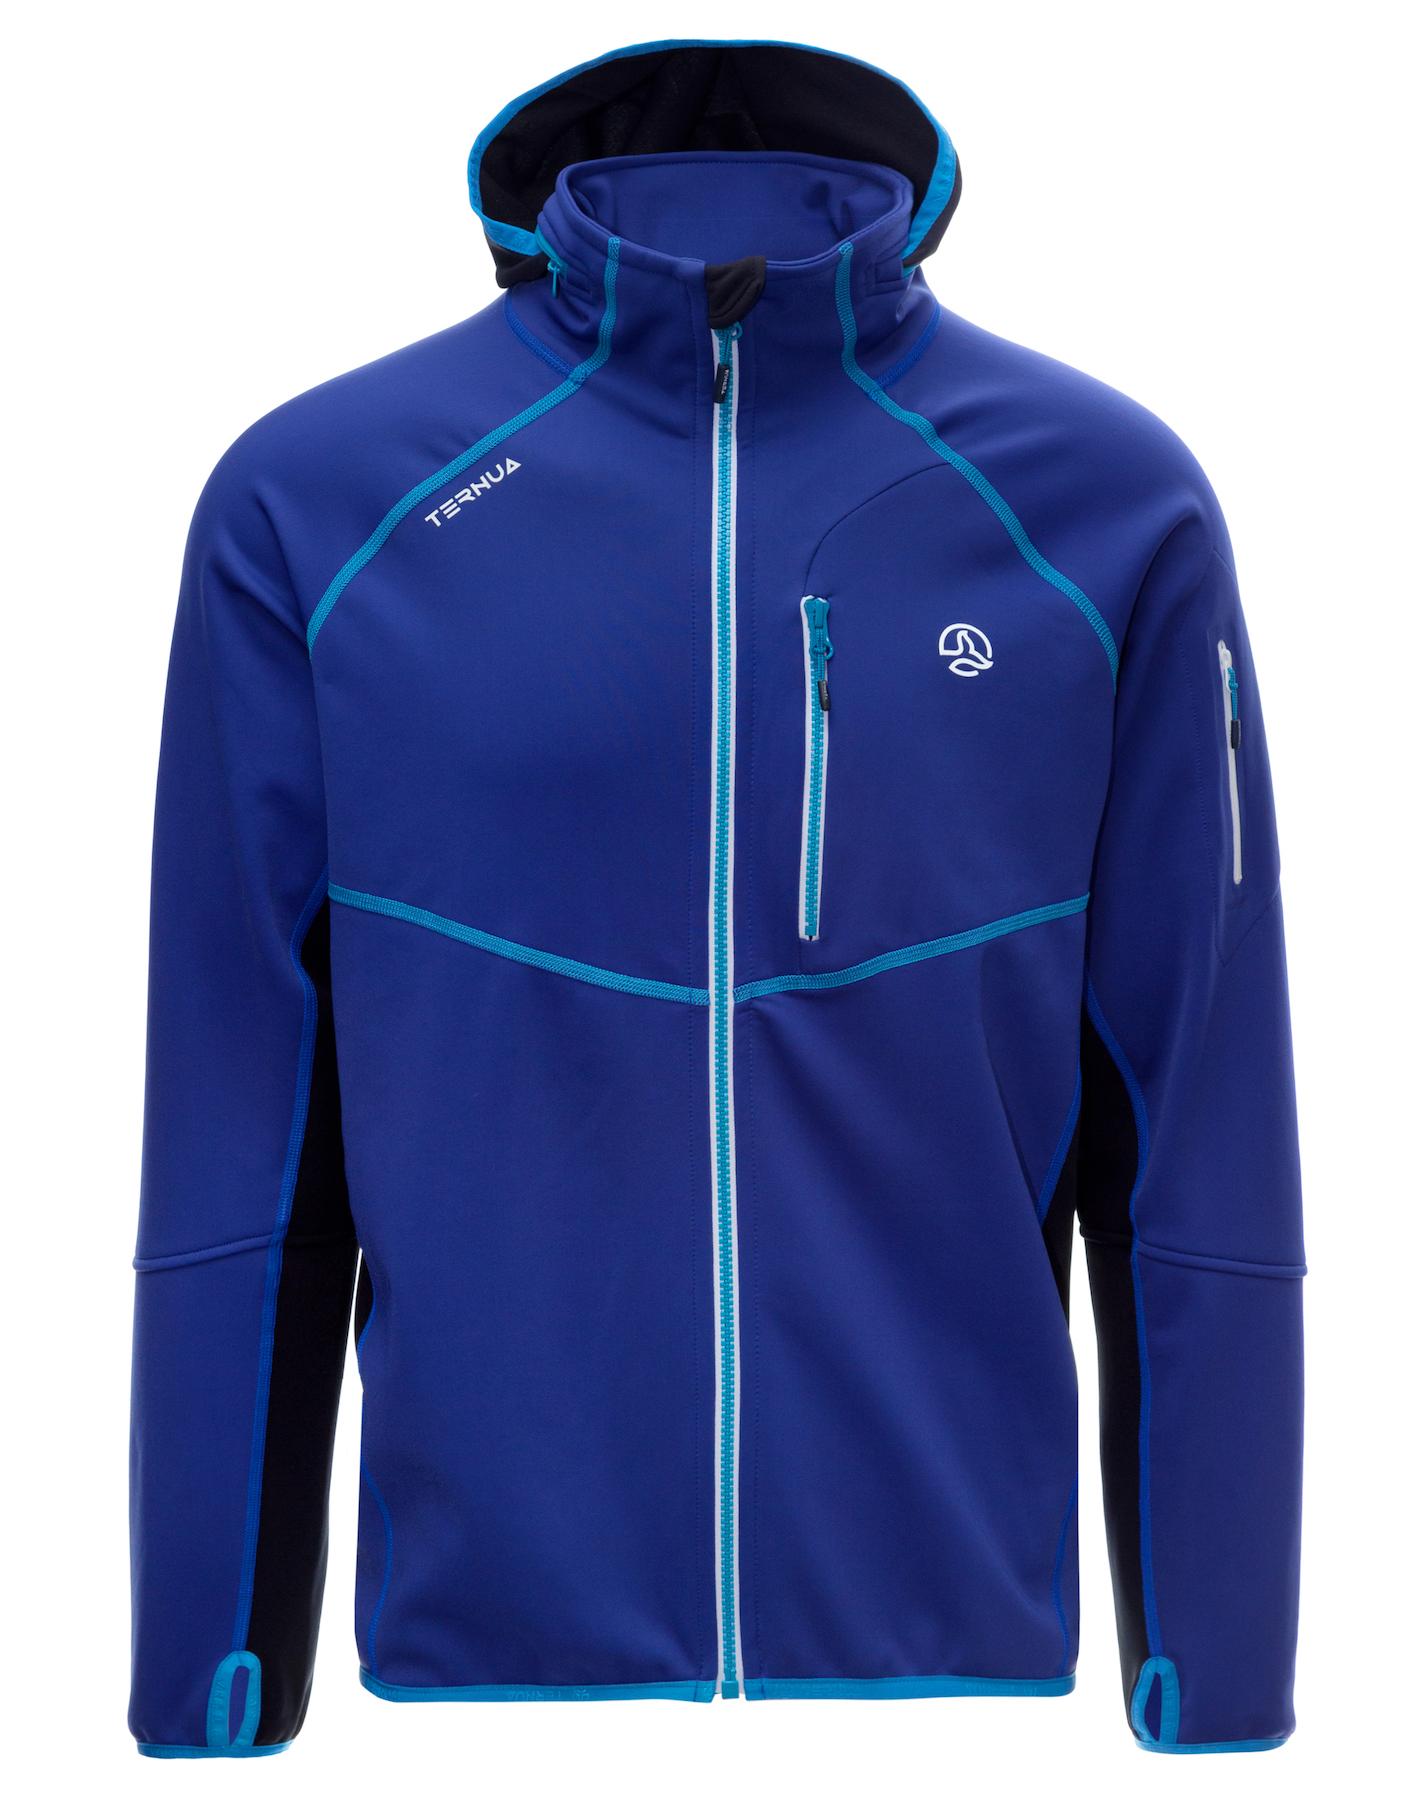 Ternua - Chaqueta Yangru Jacket M - Fleece jacket - Men's